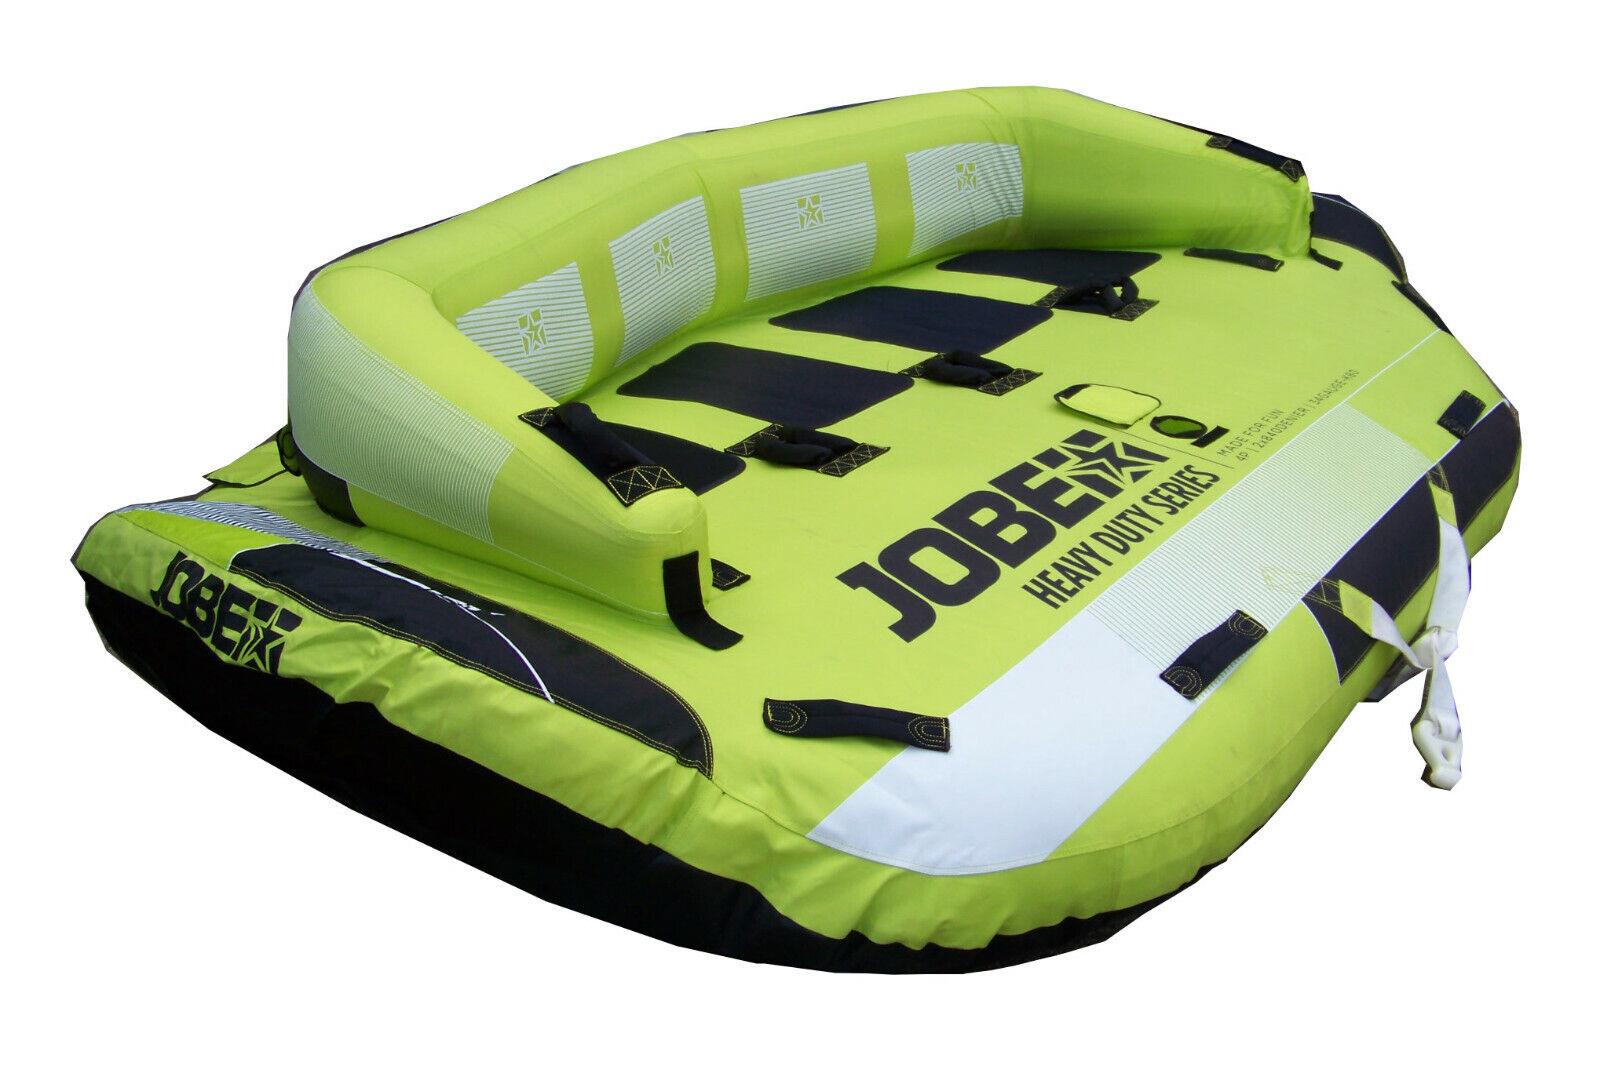 Jobe Tubo Sonar Heavy Duty 4Per Sport D'Acqua Barca Motore divertiuominitotube G1911